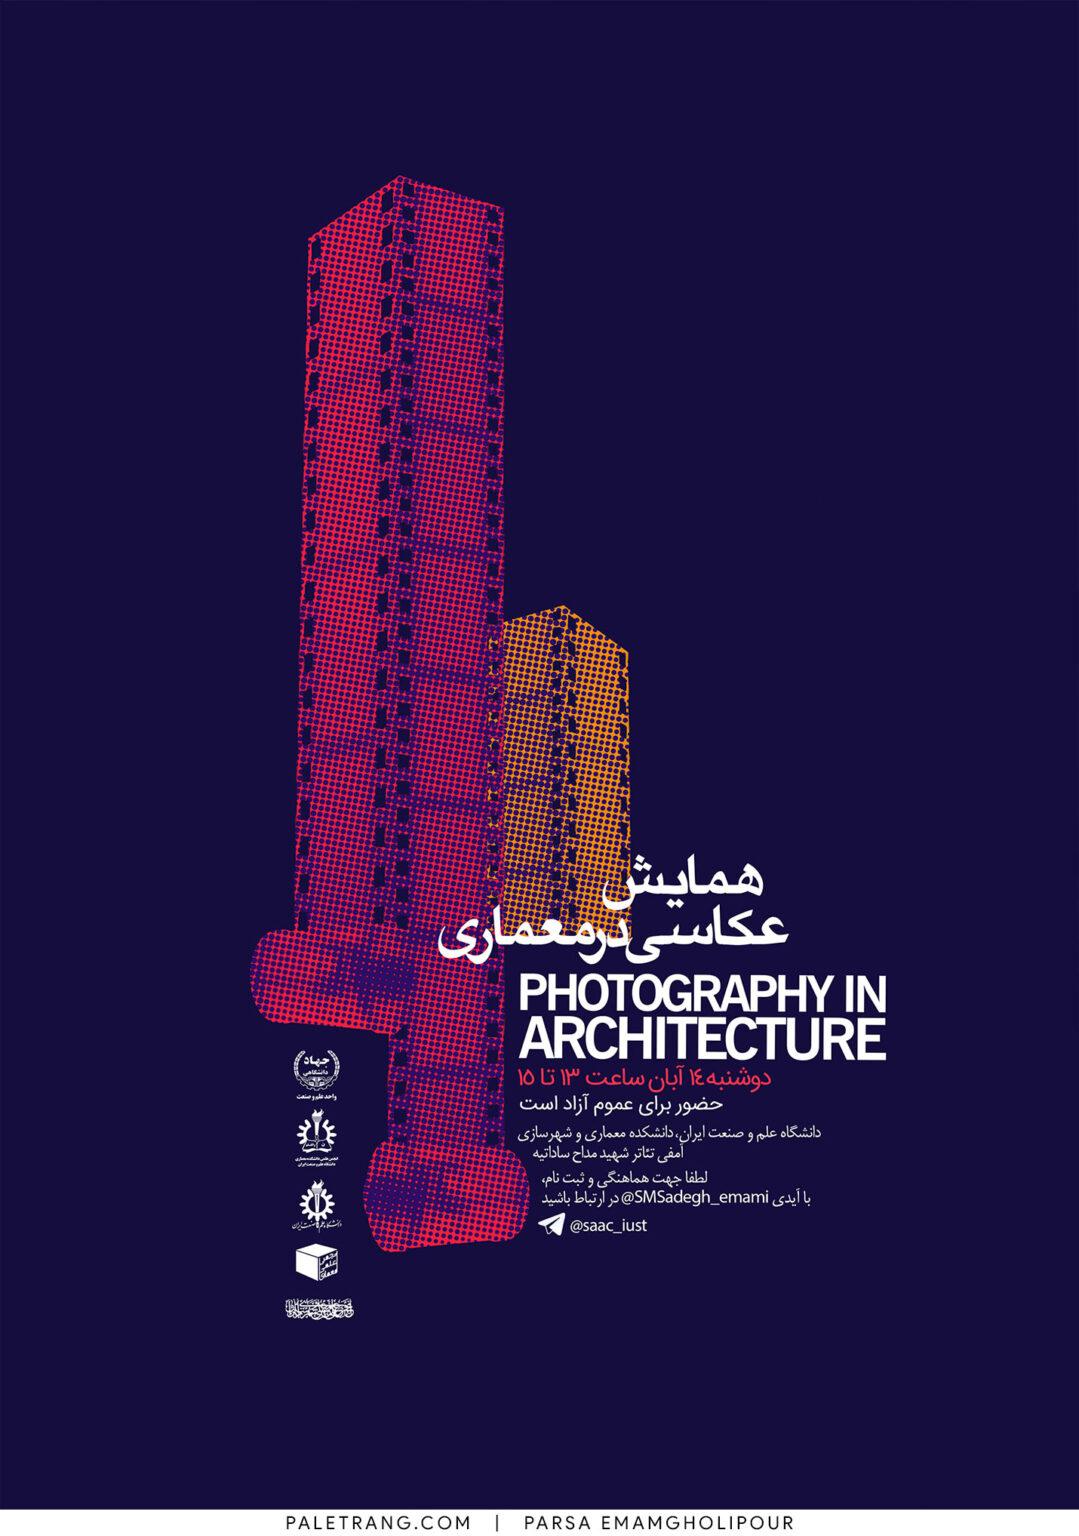 پوستر همایش عکاسی در معماری | 1398 | پارسا امامقلی پور